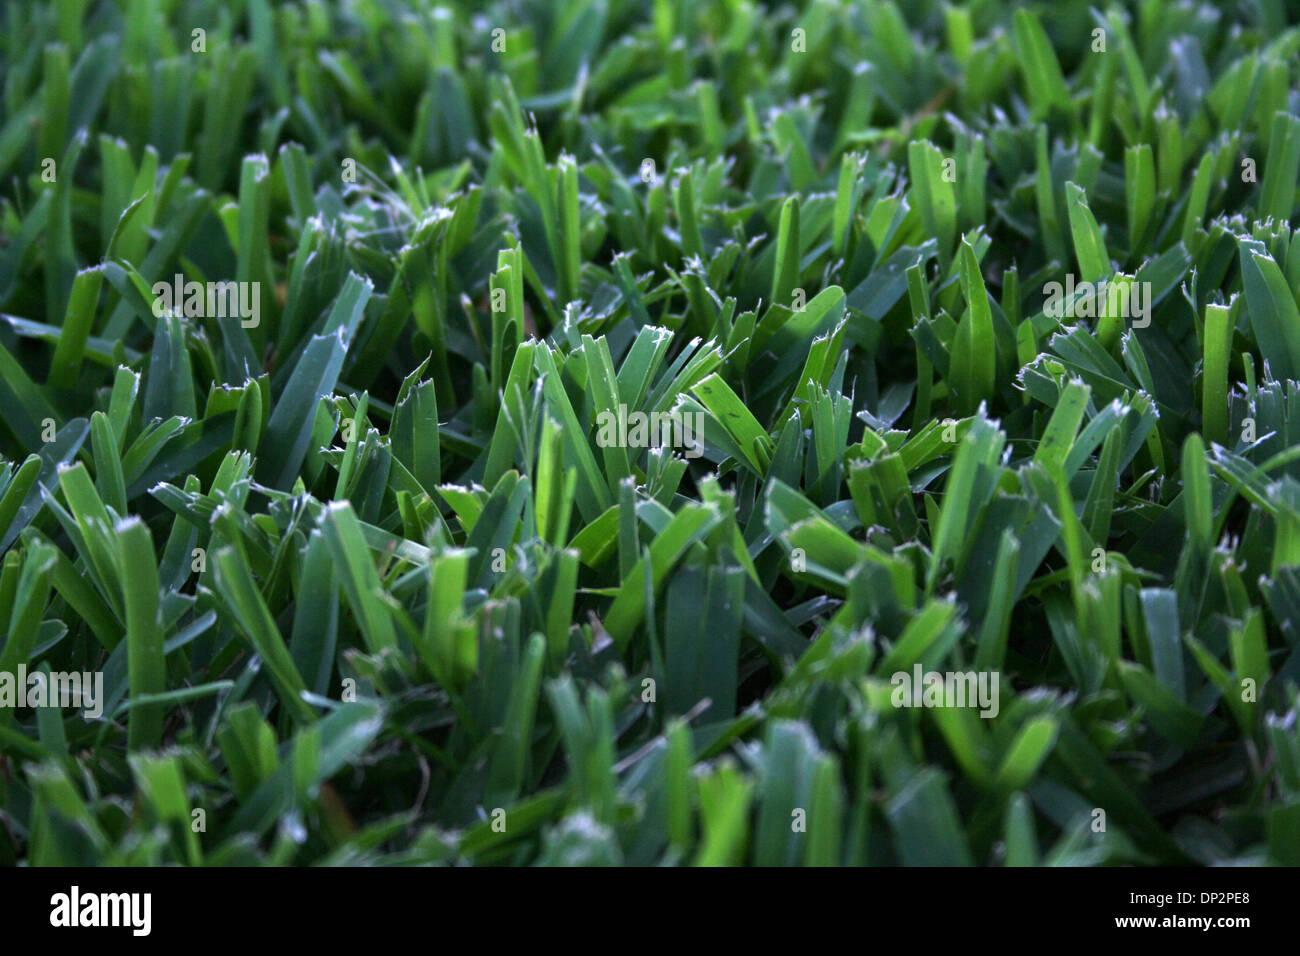 Jun 10, 2006; Laguna Beach, CA, EE.UU.; briznas de hierba verde fresca, en un patio. Crédito: Foto obligatoria por Foto de stock